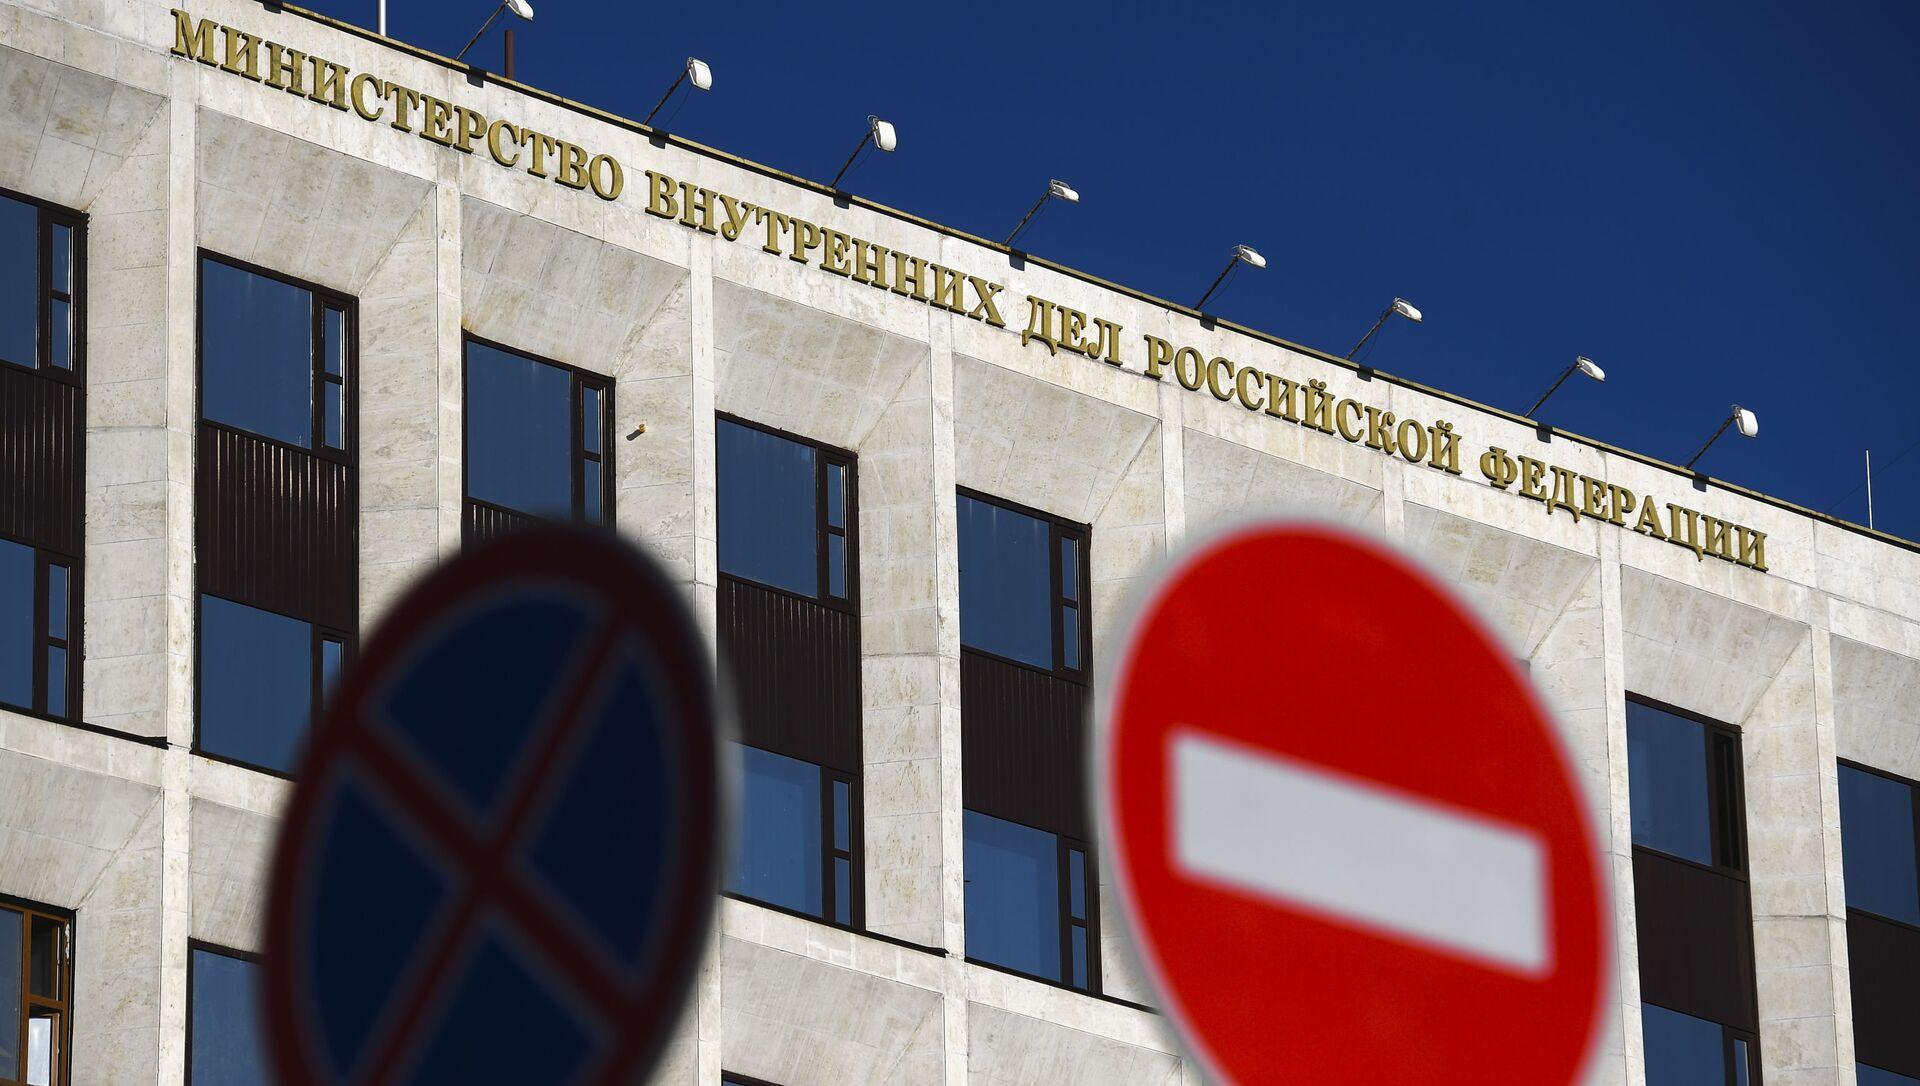 Здание Министерства внутренних дел РФ (МВД РФ) на Житной улице в Москве. - Sputnik Արմենիա, 1920, 12.08.2021